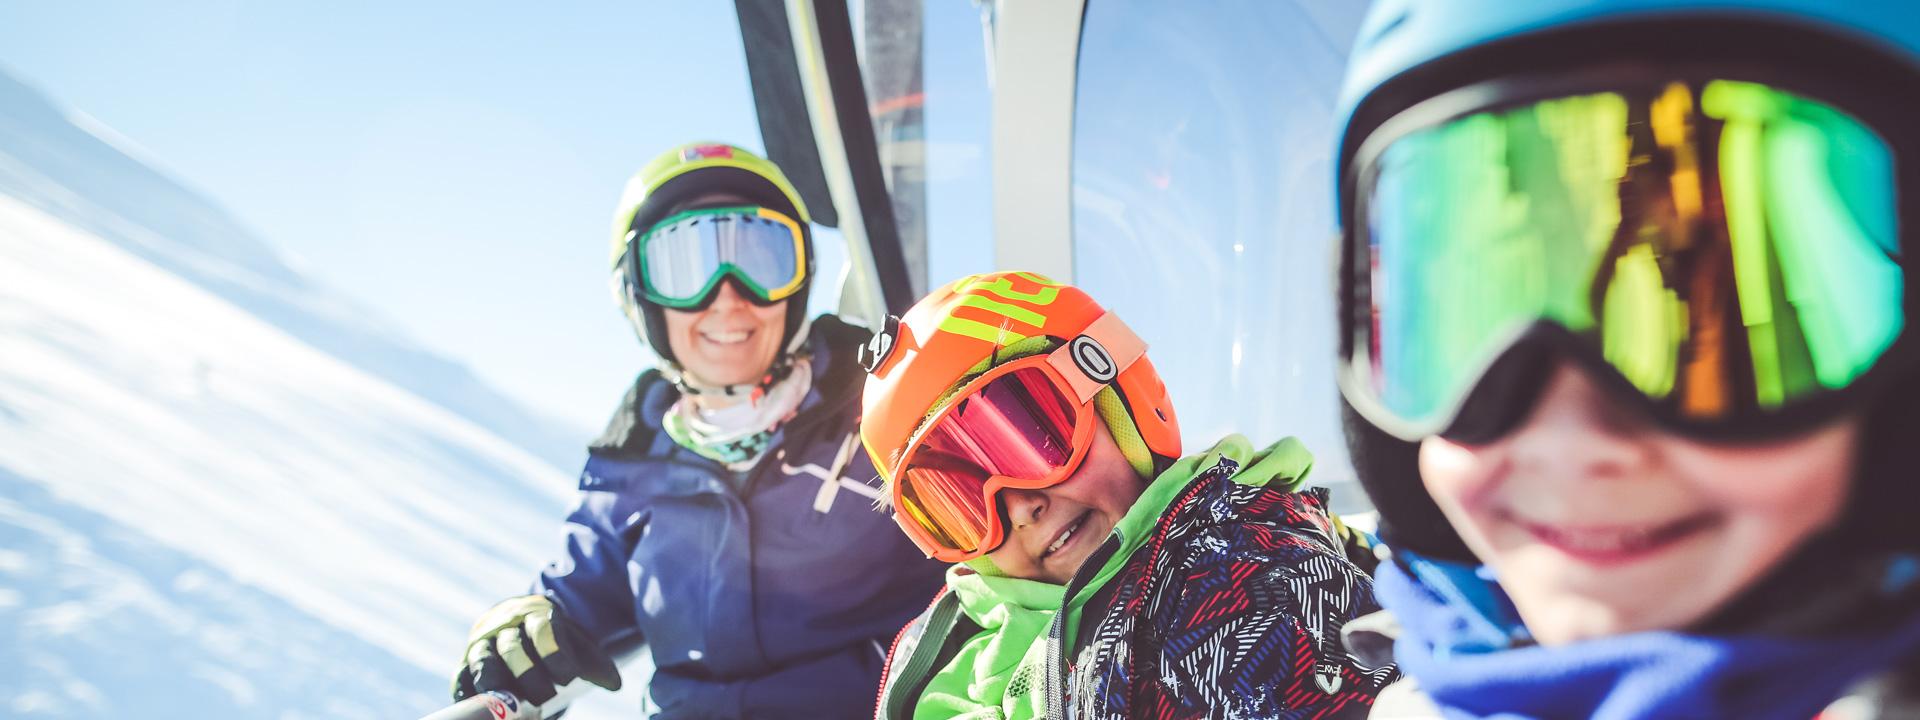 Famiglia felice sulle piste della ski area Mottolino a Livigno